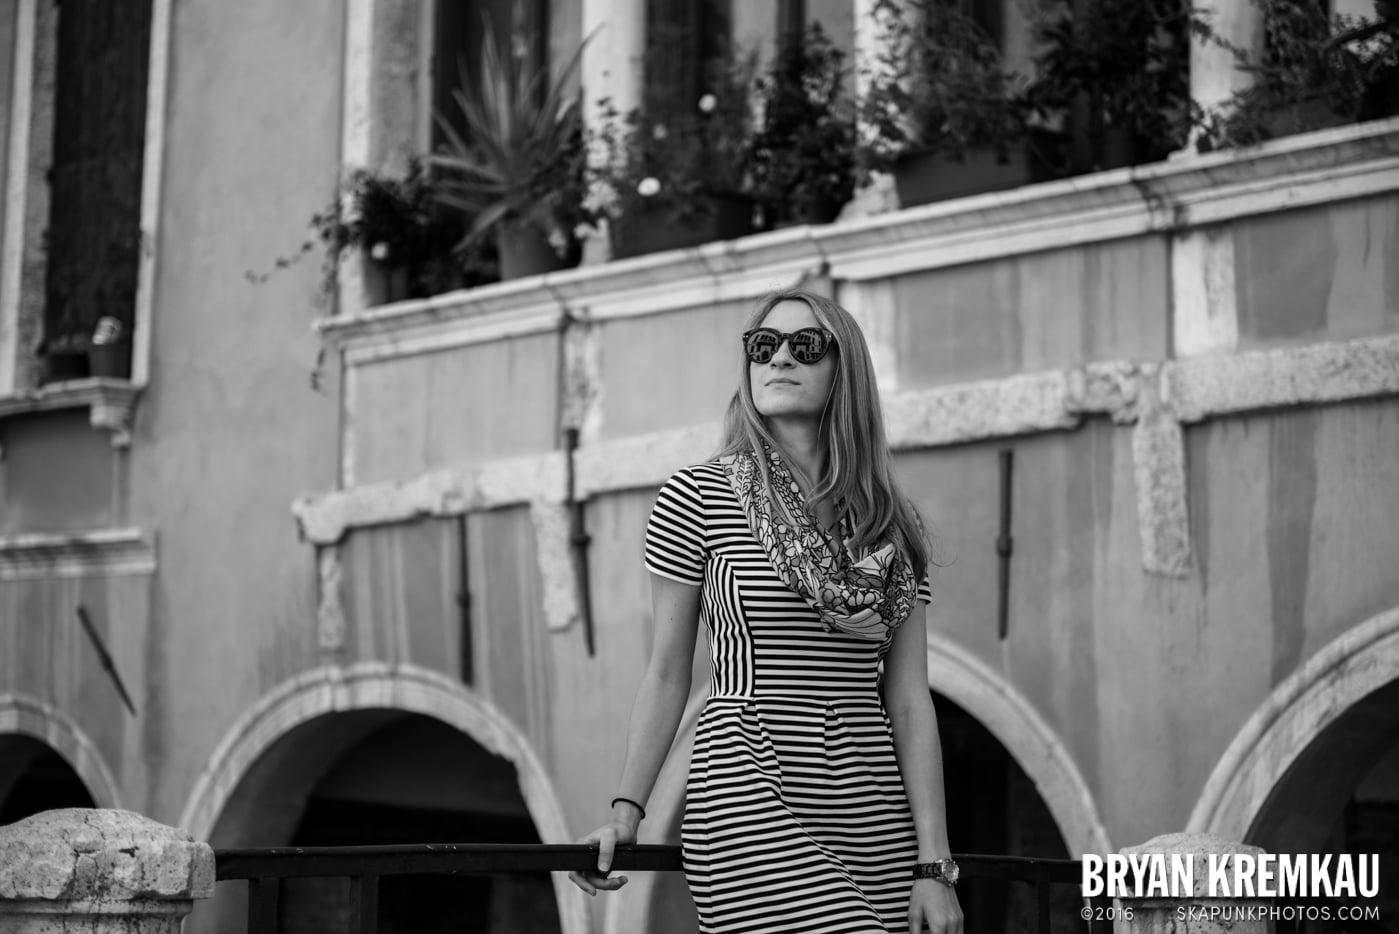 Italy Vacation - Day 5: Venice - 9.13.13 (69)